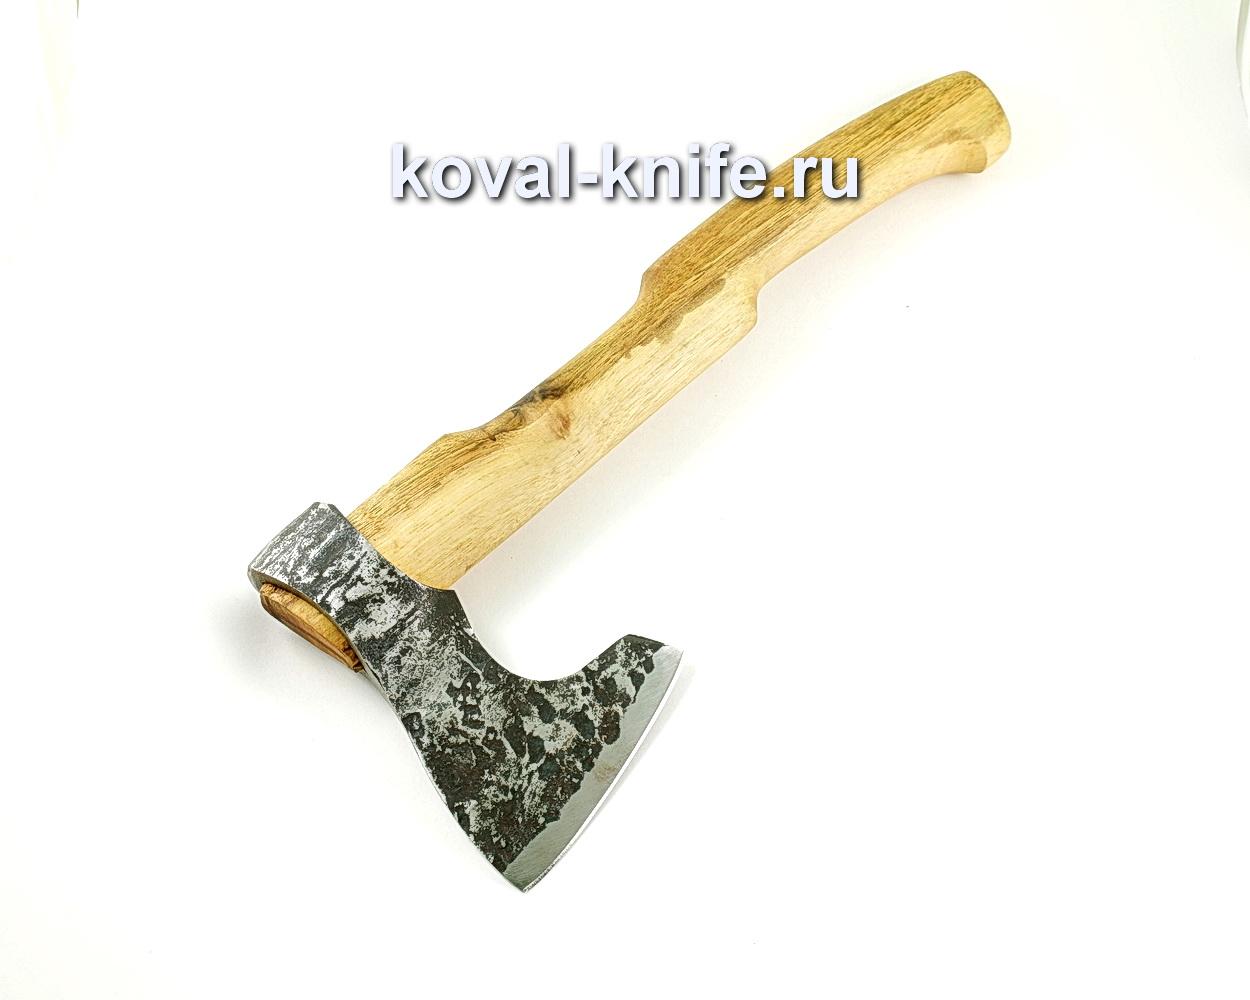 Топор (сталь 9хс), рукоять орех A180